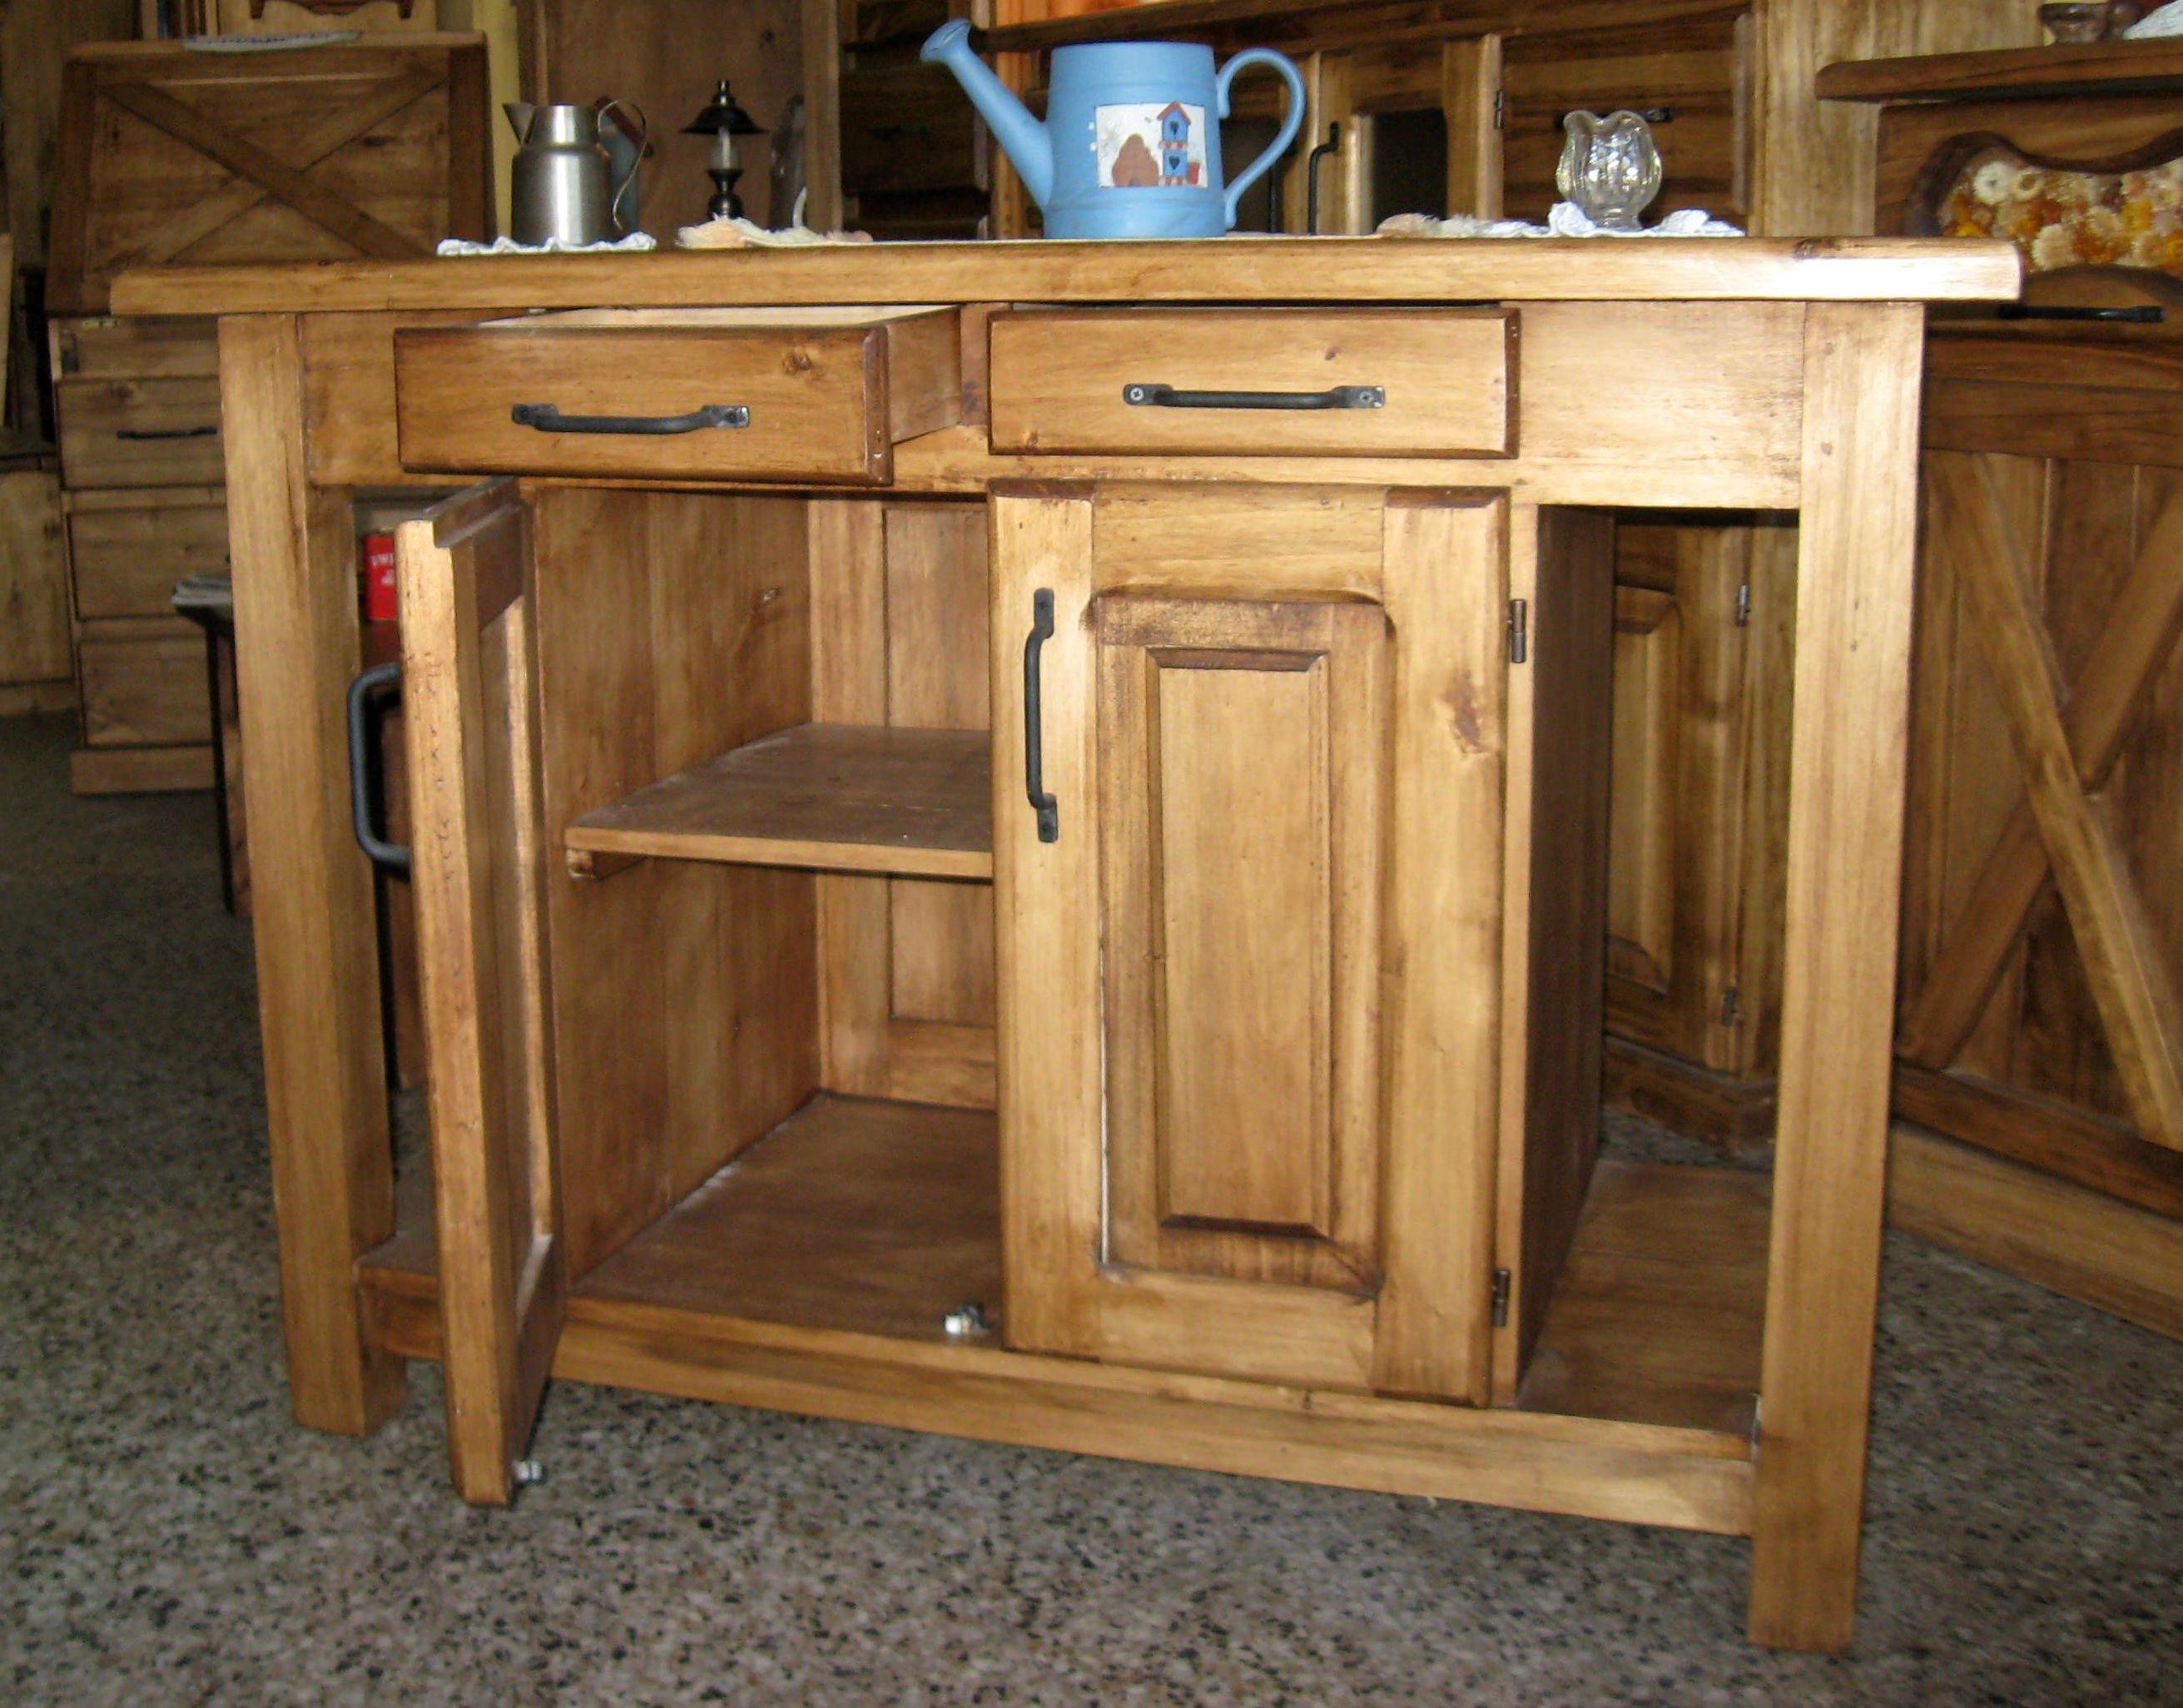 Isla para cocina estilo campo decoracion pinterest for Muebles estilo rustico